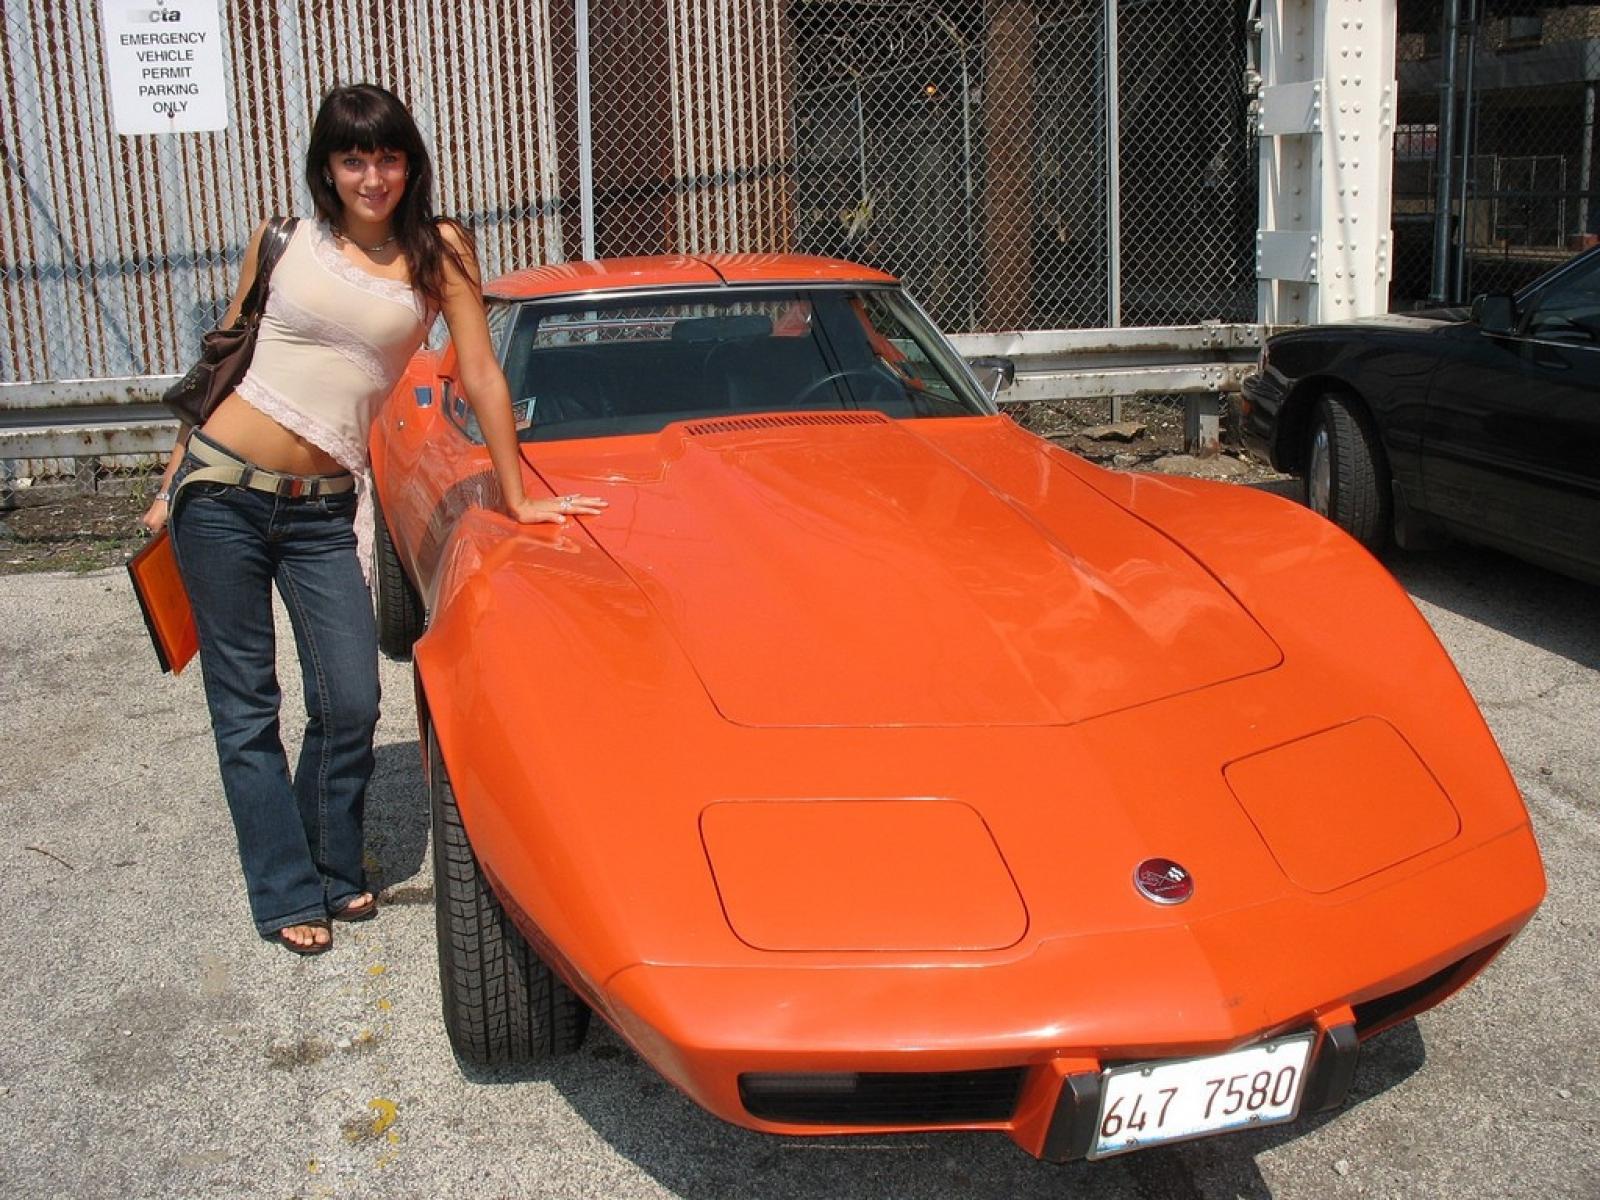 httpwwwcorvettepridecompicscorvette girlscorvette girls 203 1600x1200